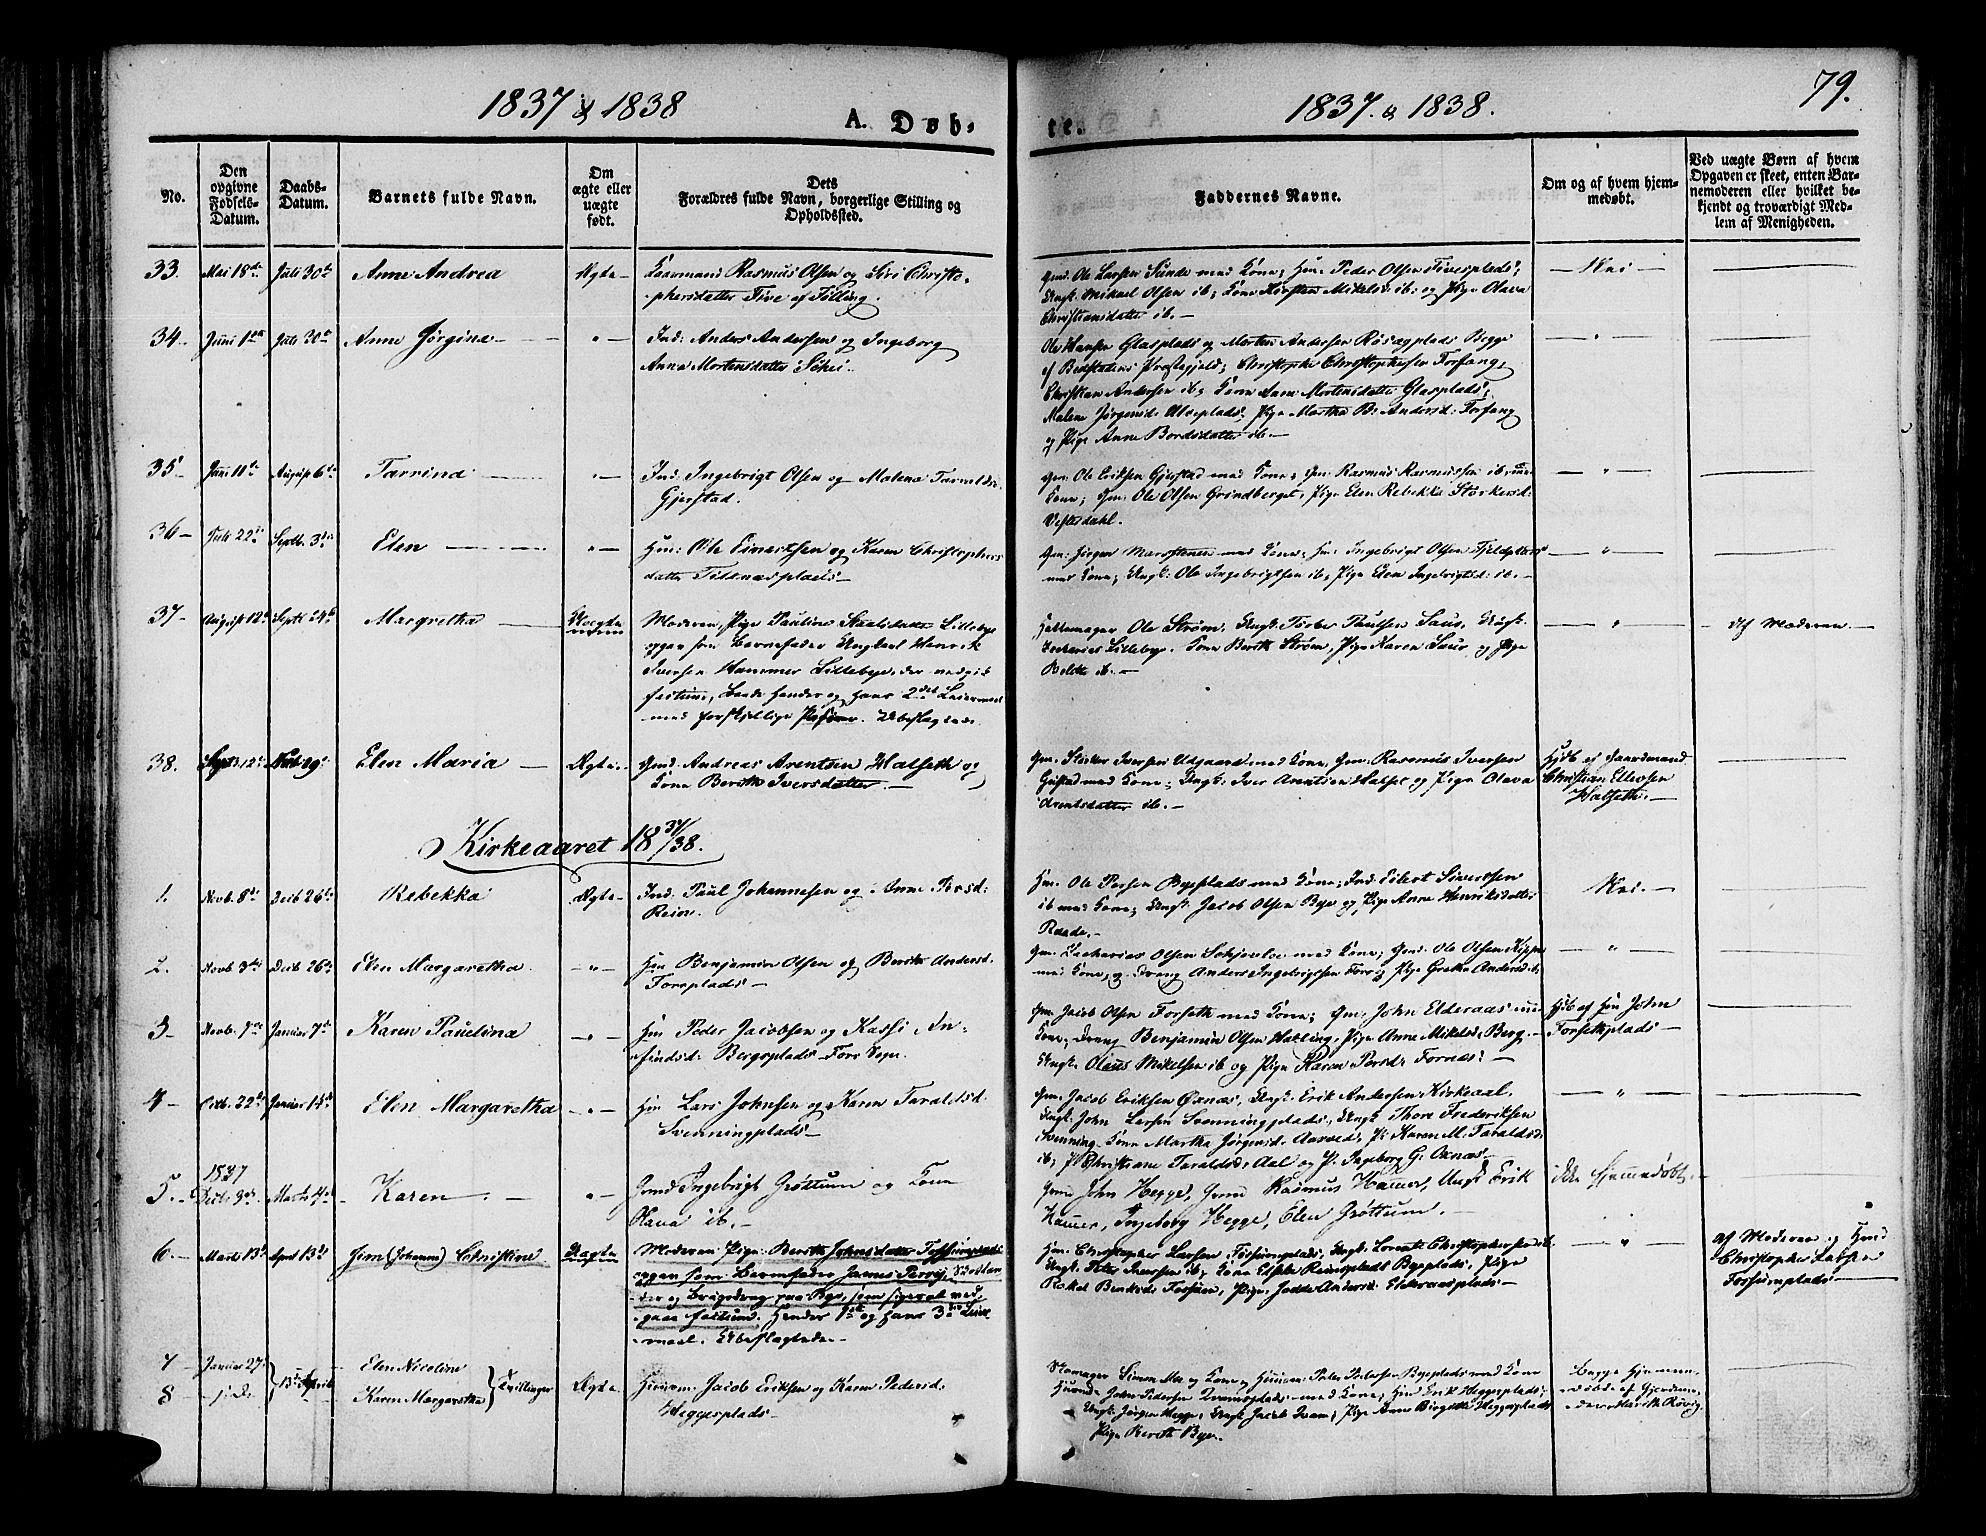 SAT, Ministerialprotokoller, klokkerbøker og fødselsregistre - Nord-Trøndelag, 746/L0445: Ministerialbok nr. 746A04, 1826-1846, s. 79